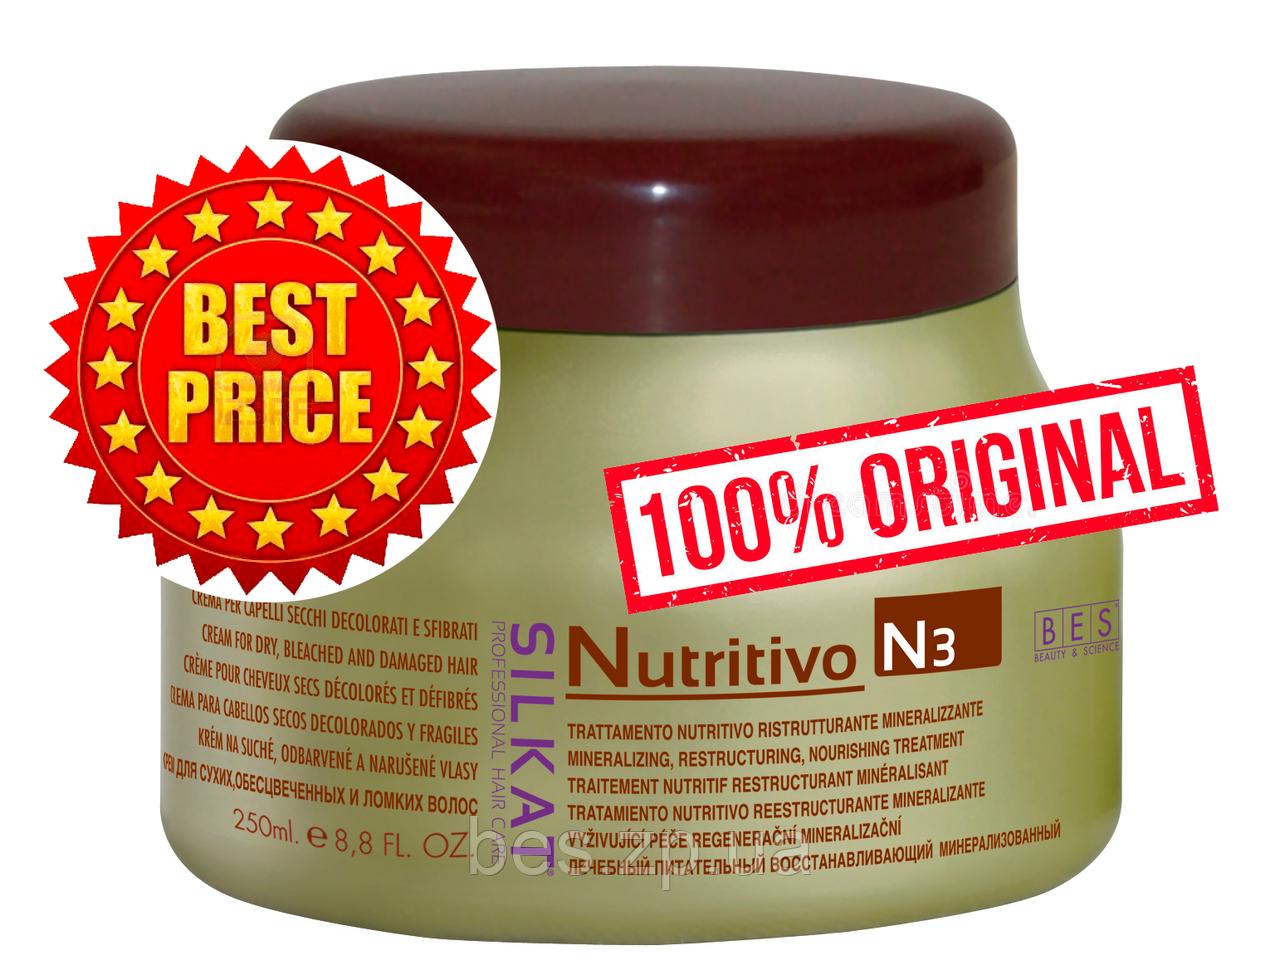 Для восстановления поврежденных и питания сухих волос крем-компресс BES Silkat (Силкат) Nutritivo N3 250 мл